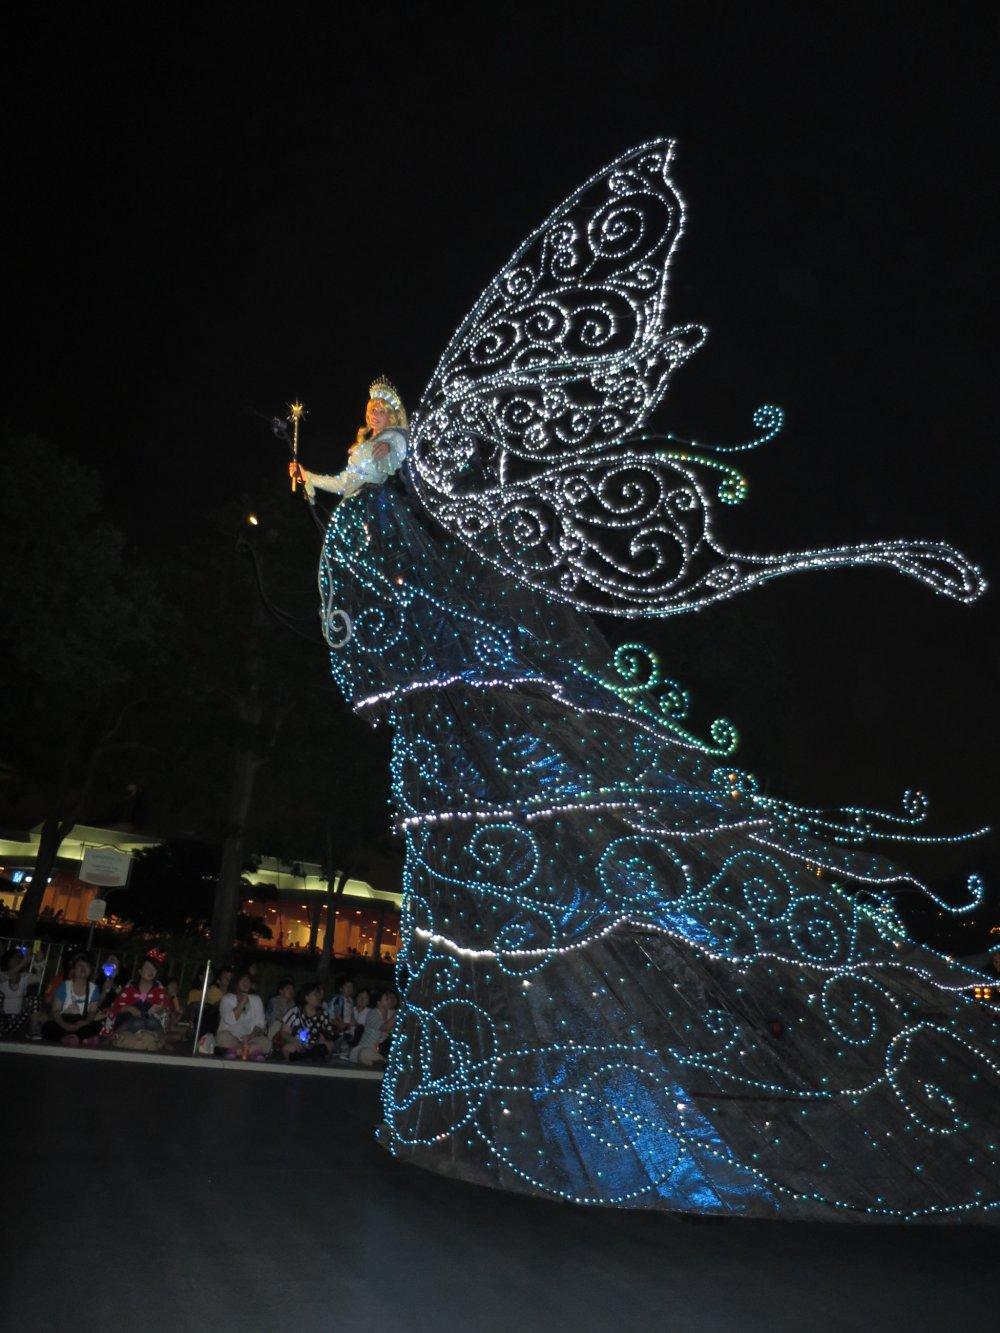 東京ディズニーランドのエレクトリカルパレード: ブルーの妖精